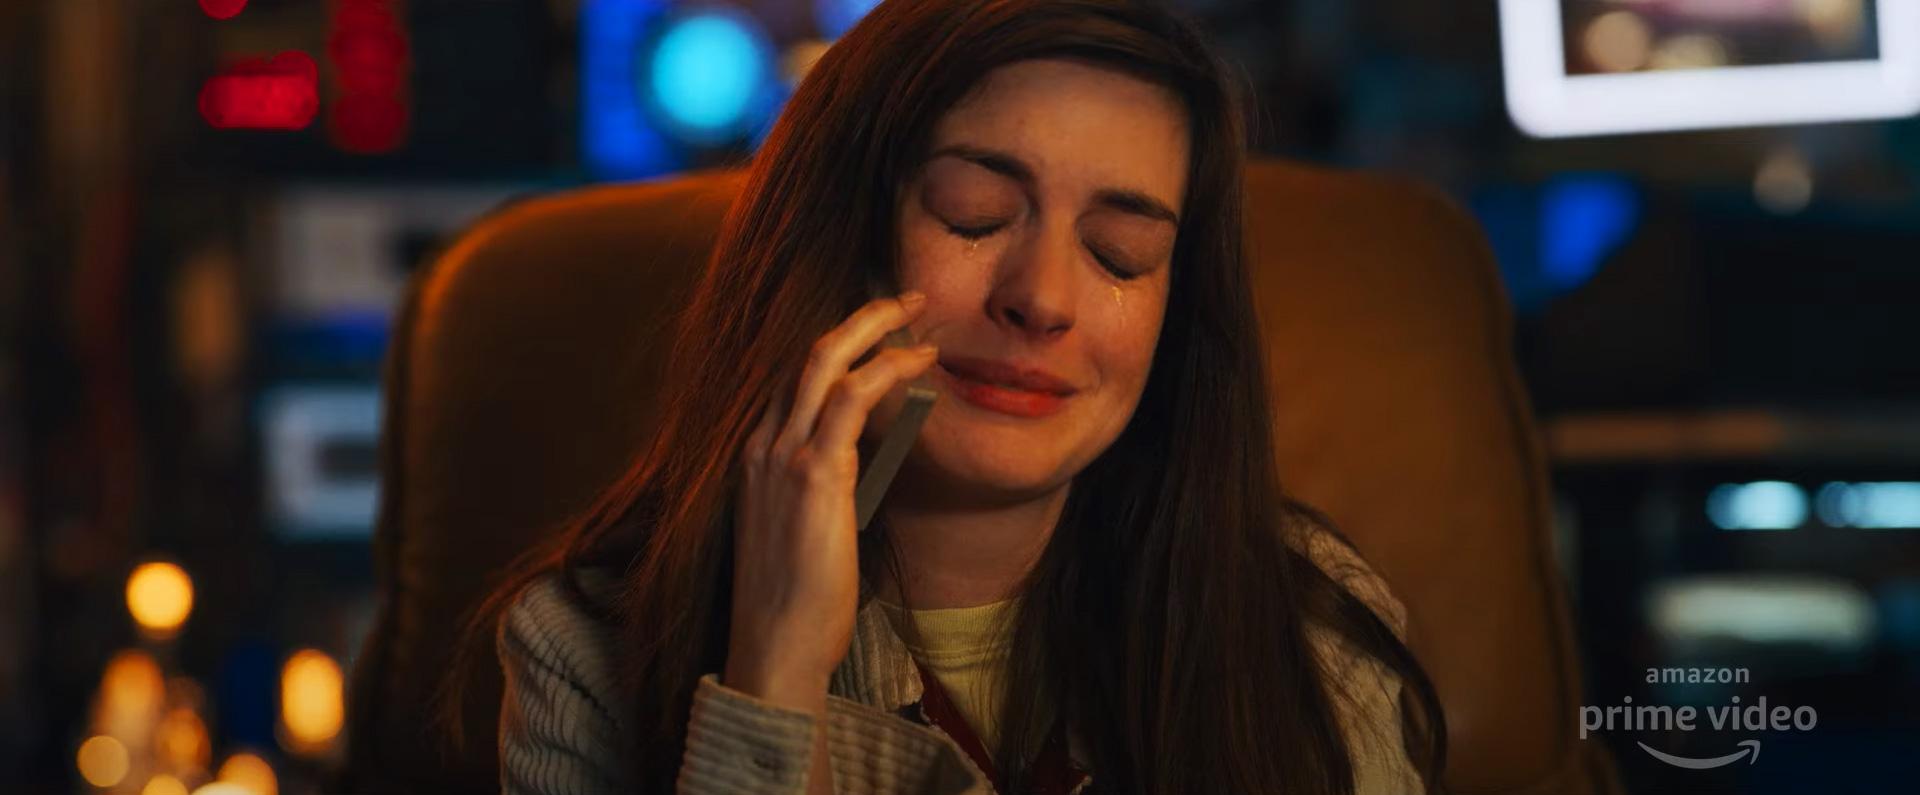 """A Nova Série """"Solos"""" do Prime Video Conta Histórias de Solidão e Conexão"""